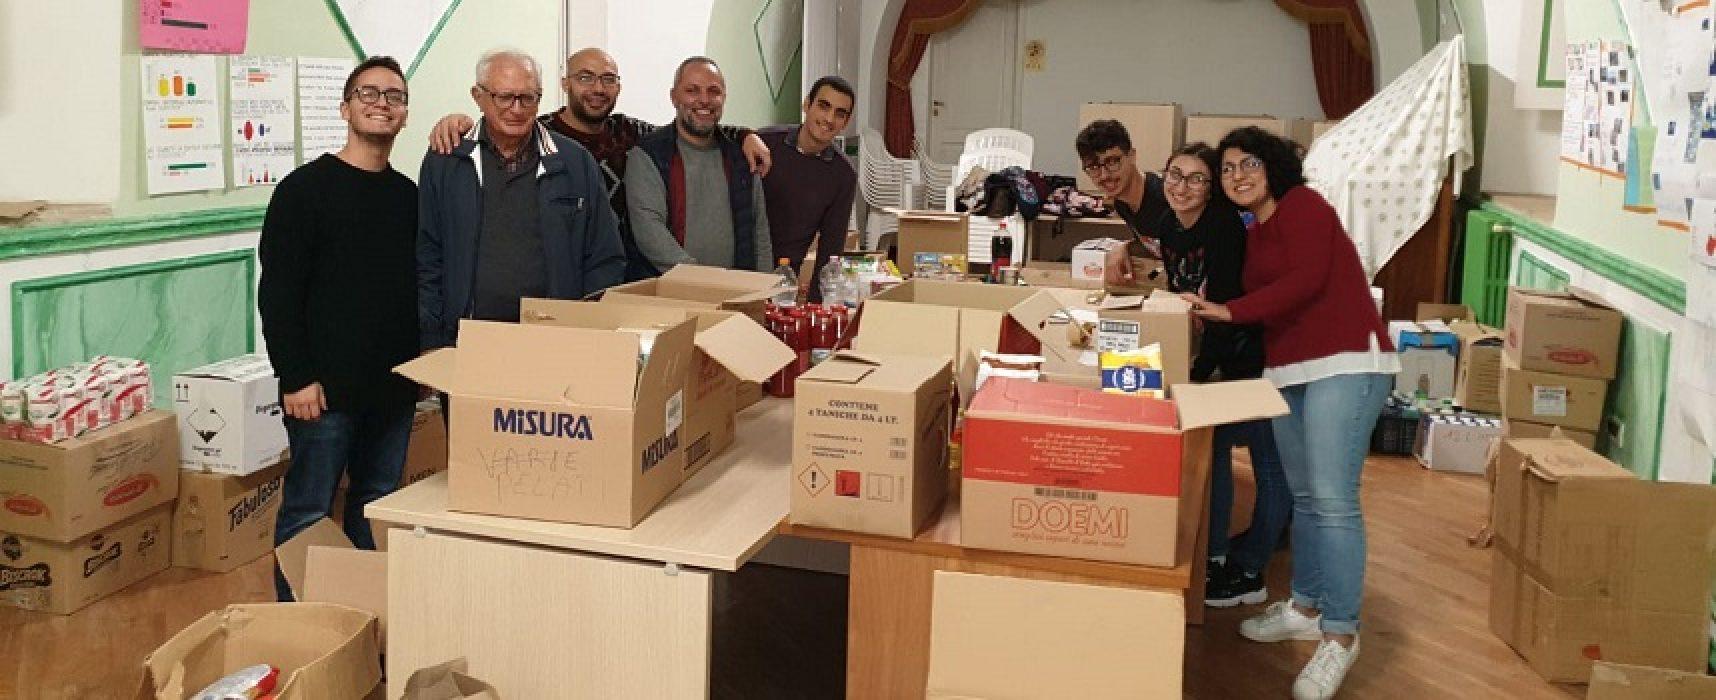 Giornata dei poveri, il bilancio della raccolta alimentare promossa da Caritas